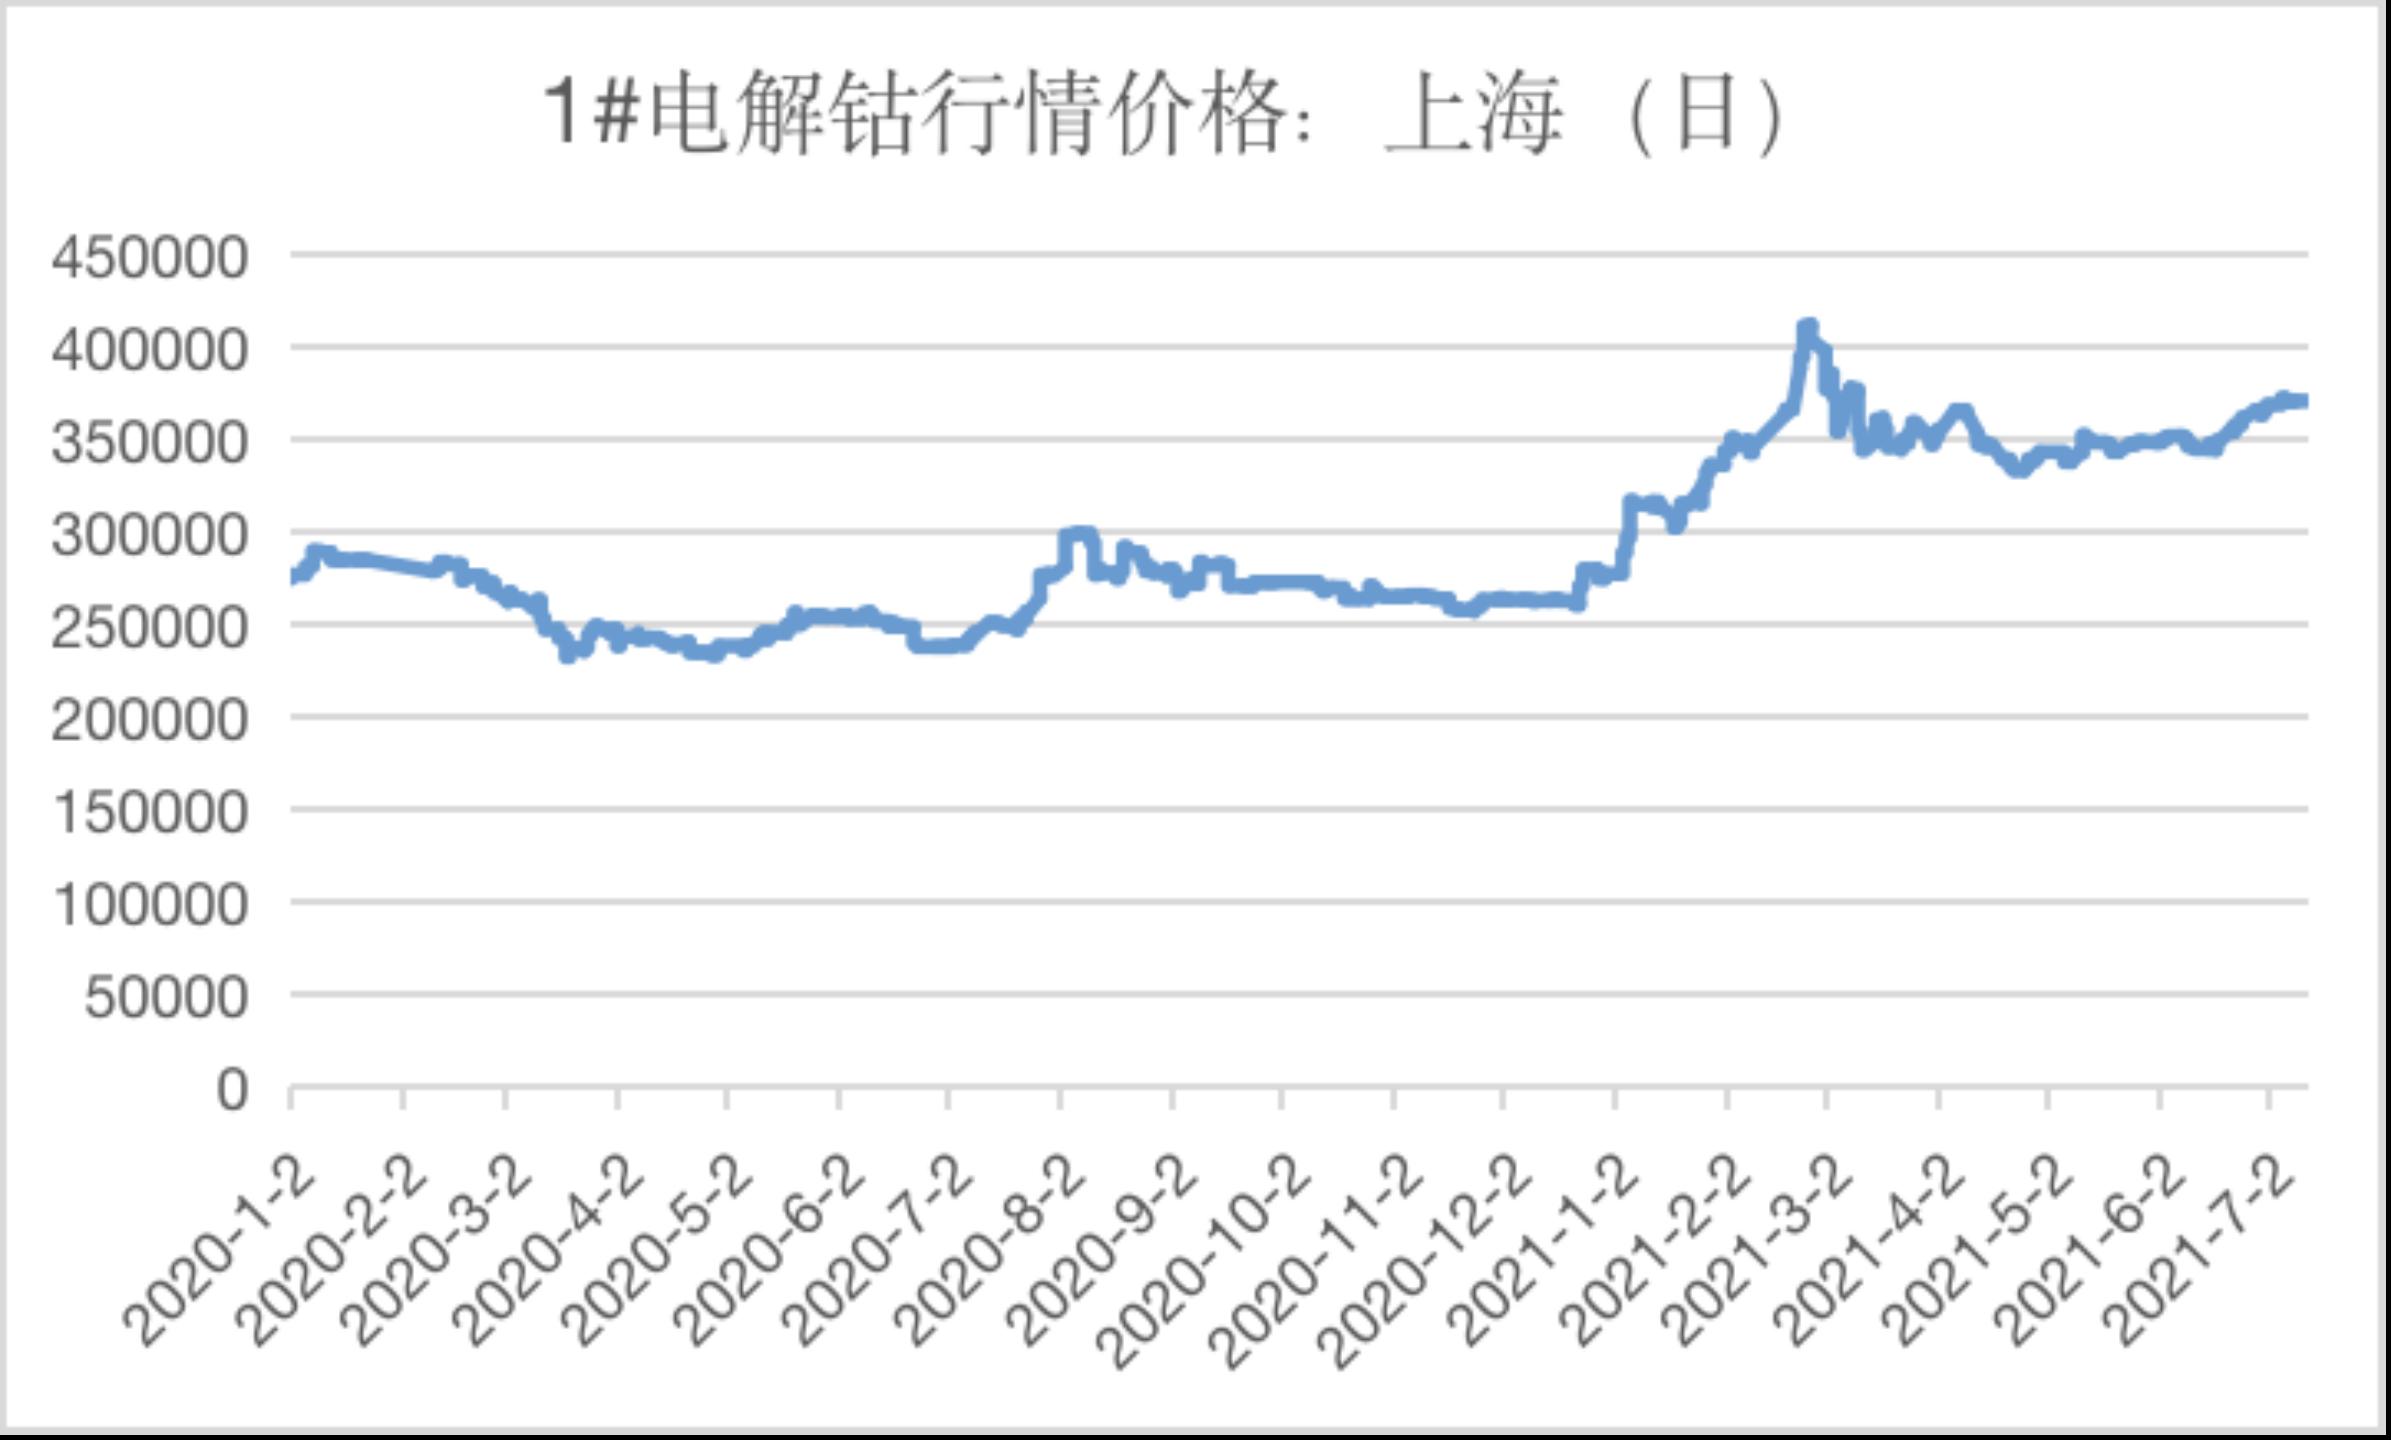 """【财联社】特斯拉""""带货""""磷酸铁锂电池 """"钴爷""""价格不受扰动,分析称本轮钴行情延续至8月上旬"""